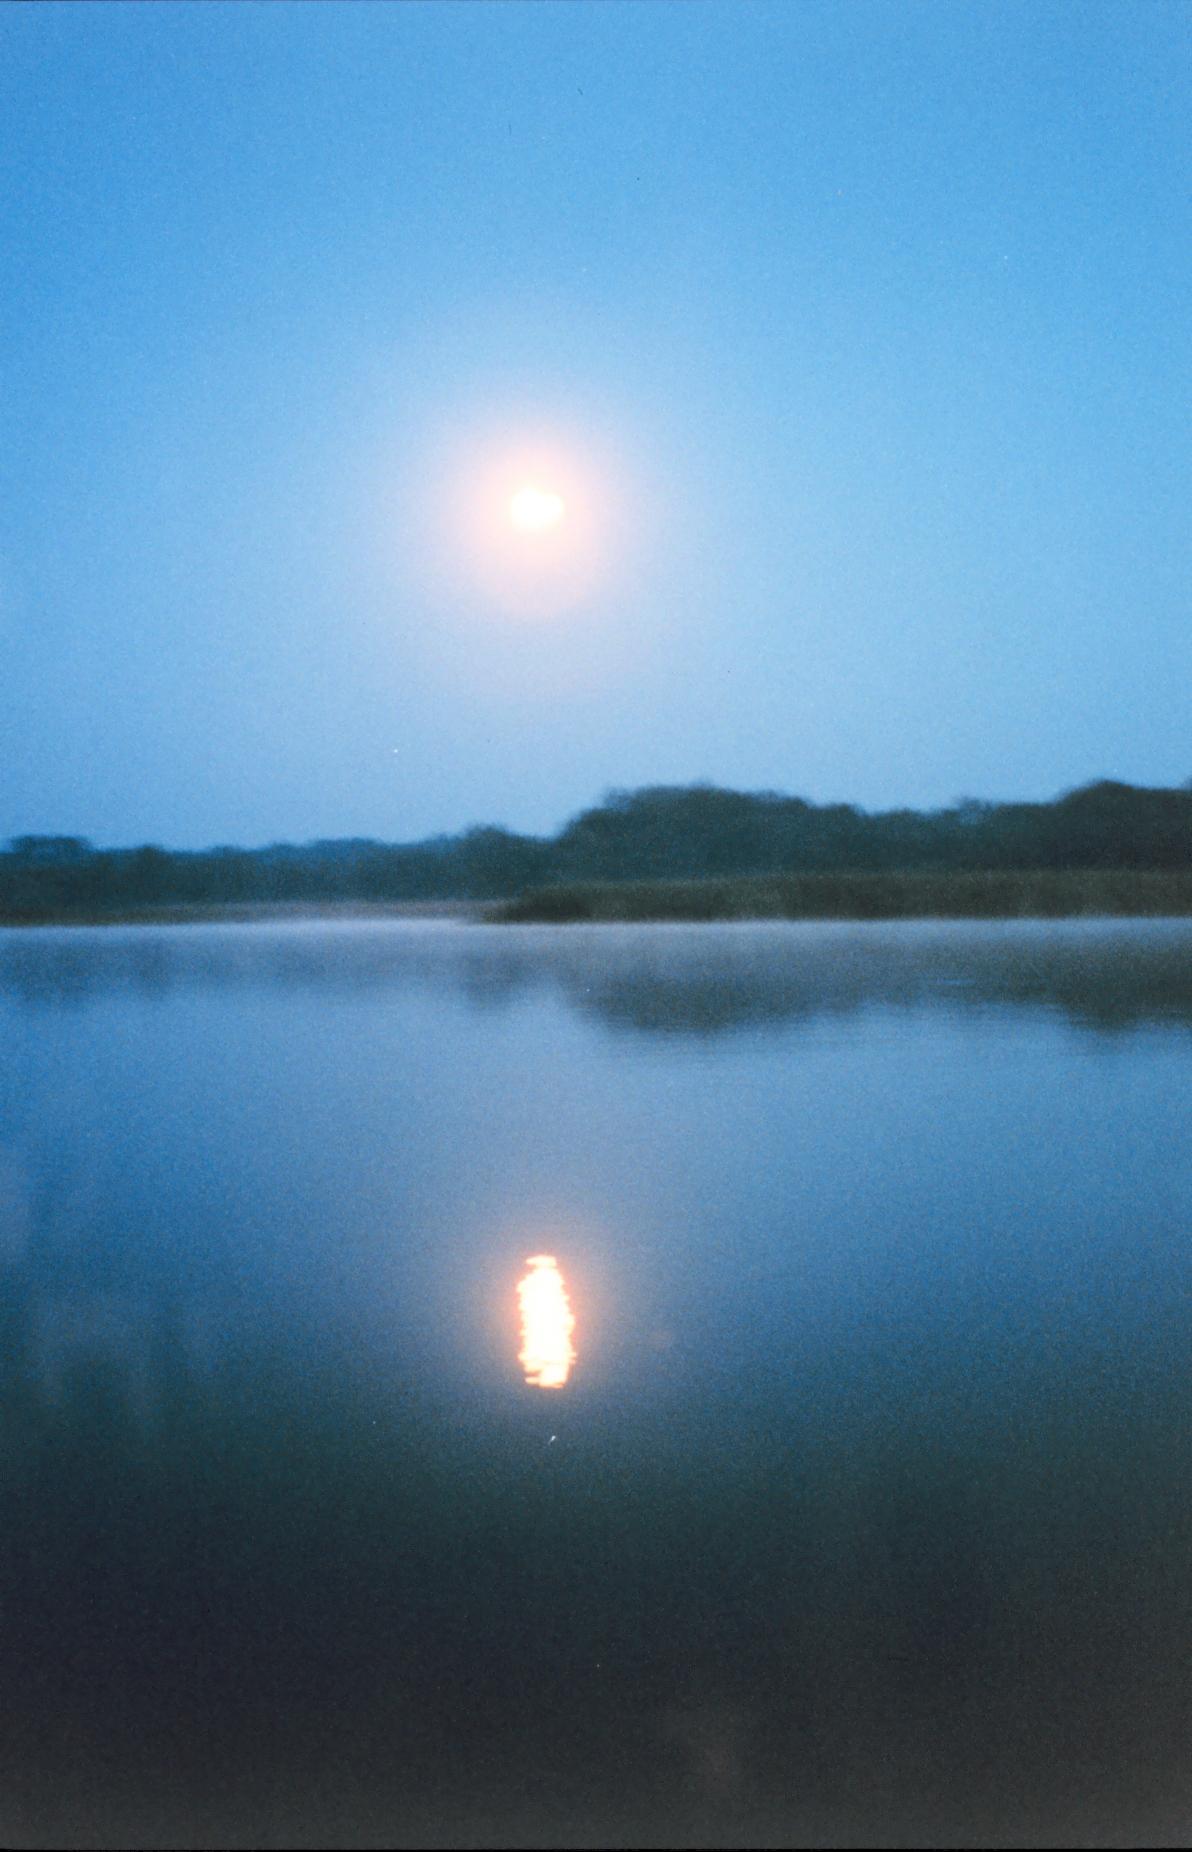 moonlight - Wiktionary